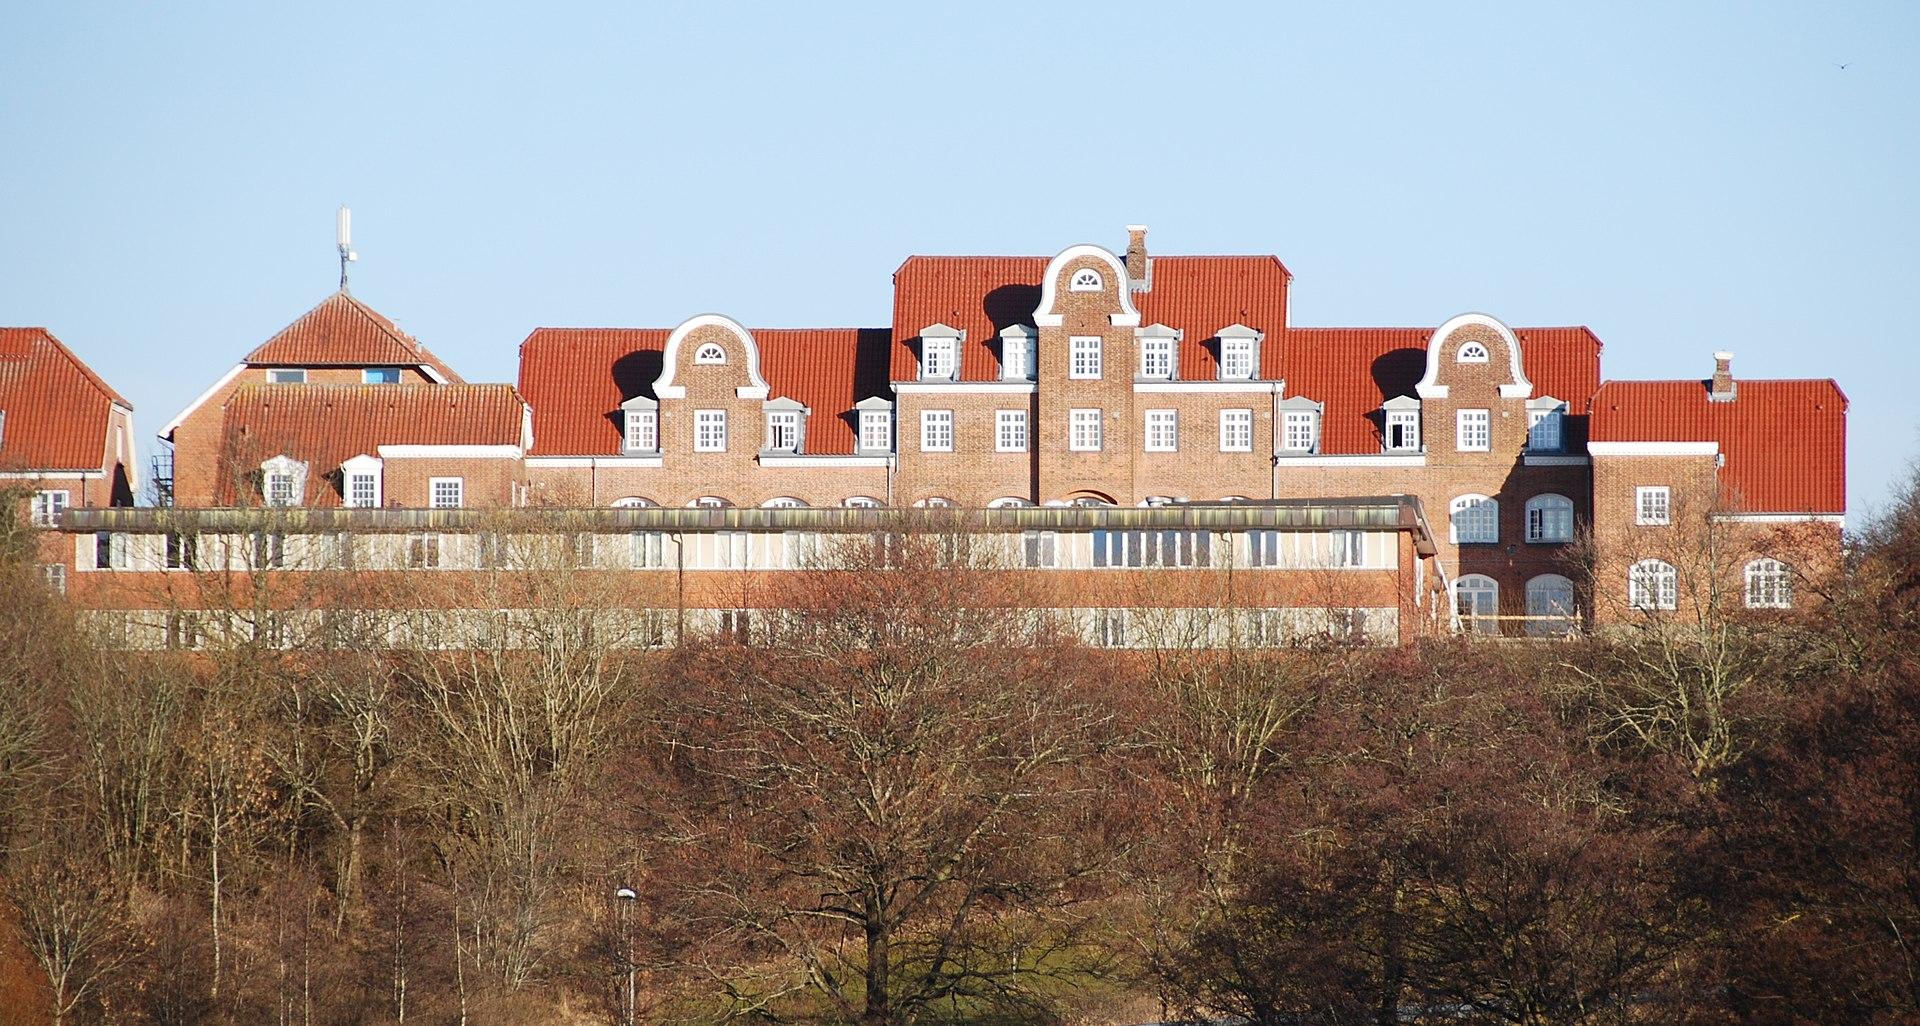 Asmildkloster Landsbrugsskole.jpg